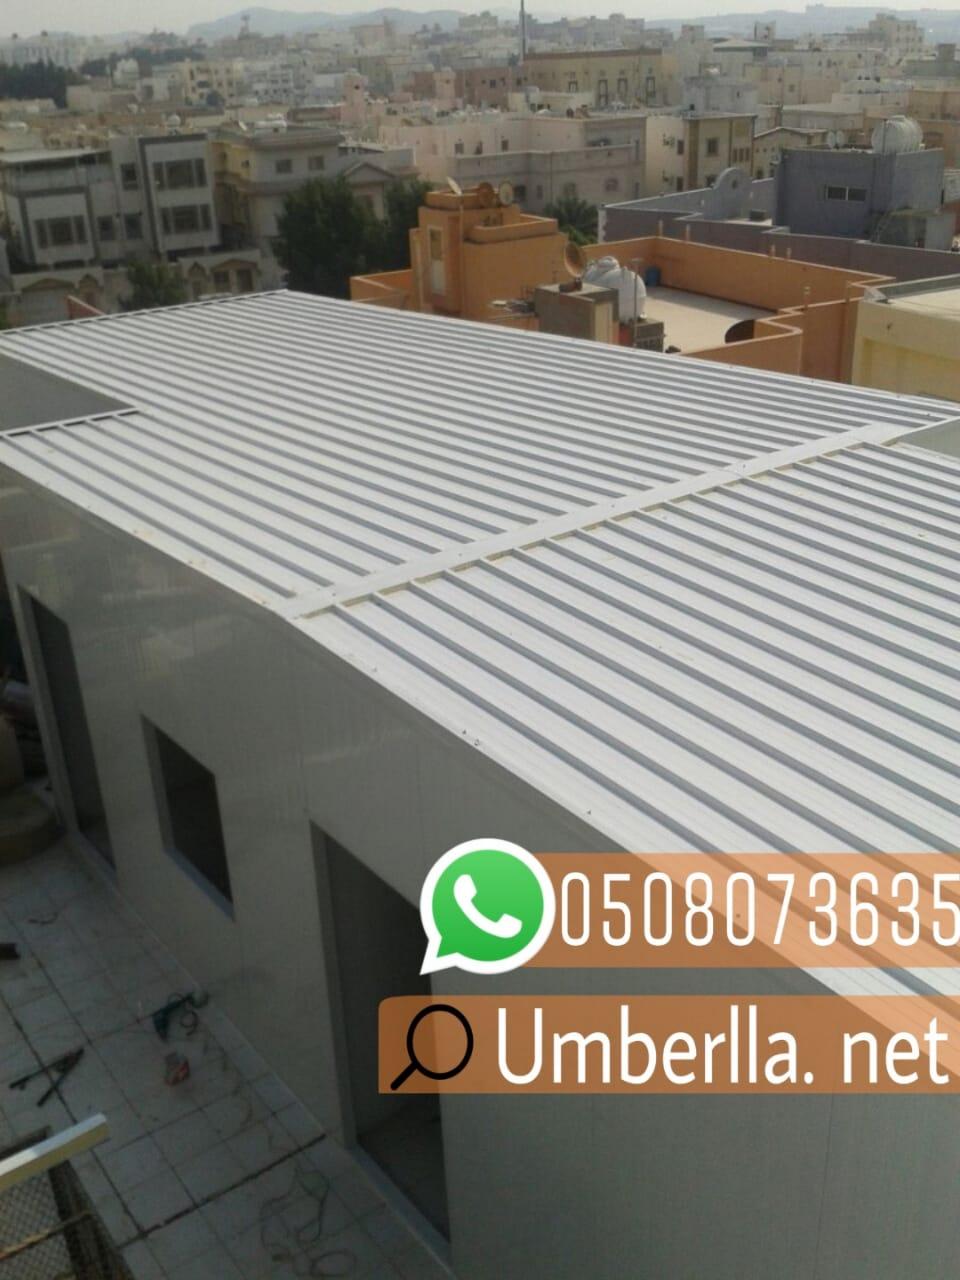 بناء هناجر , 0508073635 , , مشاريع مستودعات و هناجر , مقاول هناجر الرياض  , P_1618o6lxv6